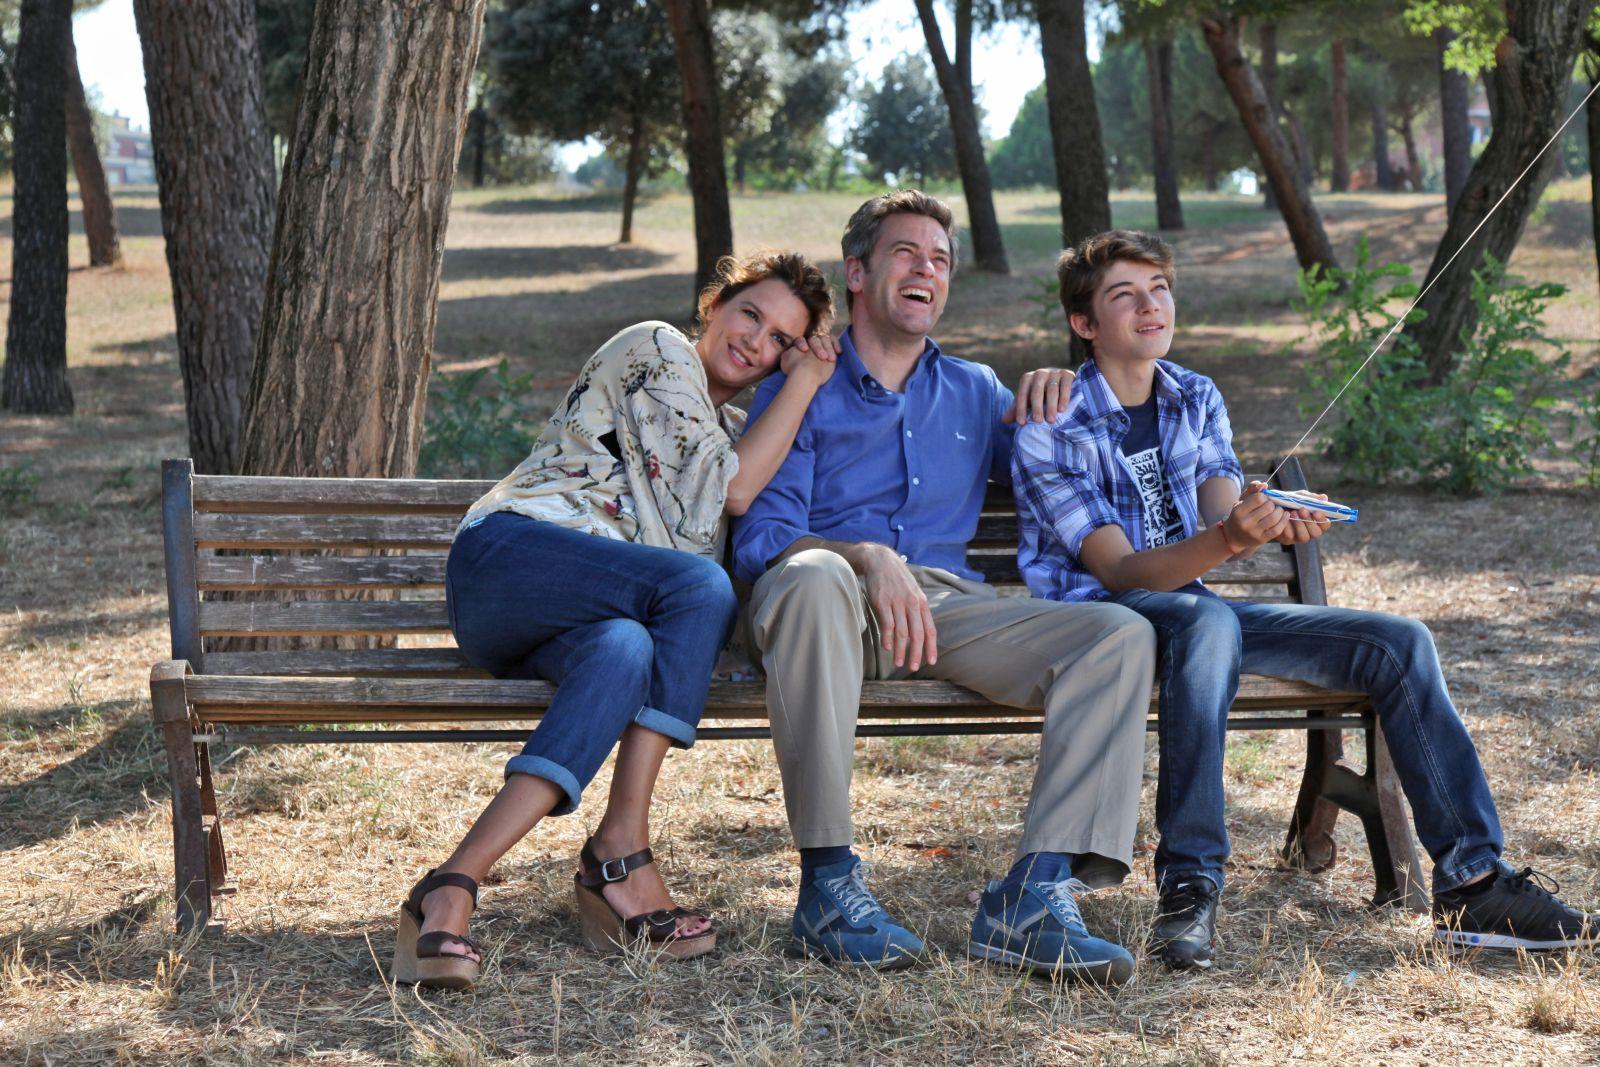 L'aquilone di Claudio: Massimo Poggio, Irene Ferri e Federico Russo in una scena del film